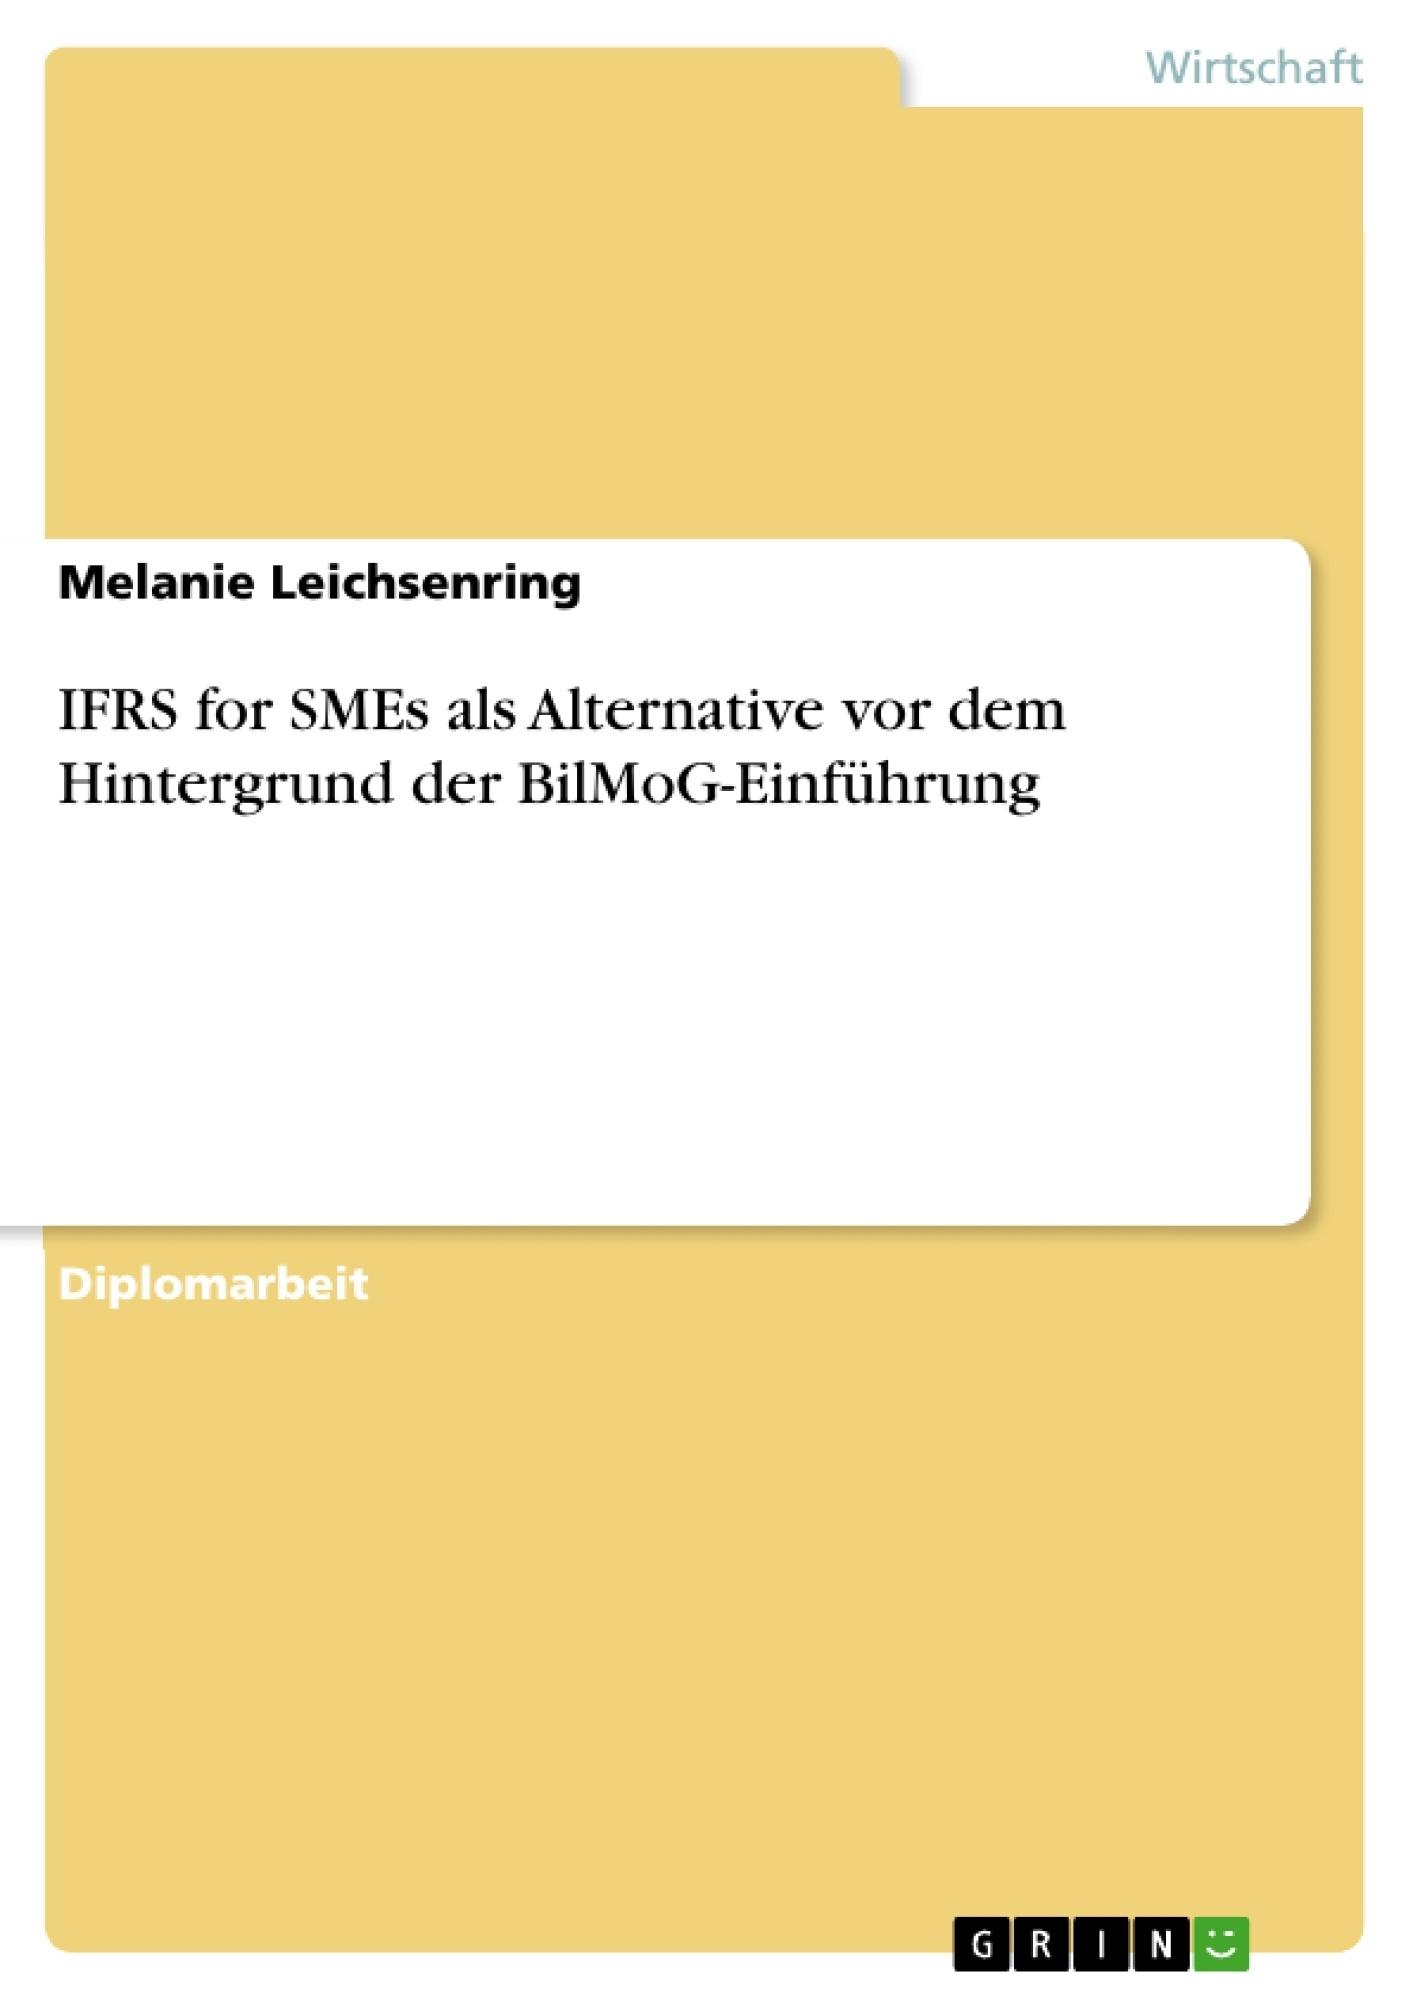 Titel: IFRS for SMEs als Alternative vor dem Hintergrund der BilMoG-Einführung